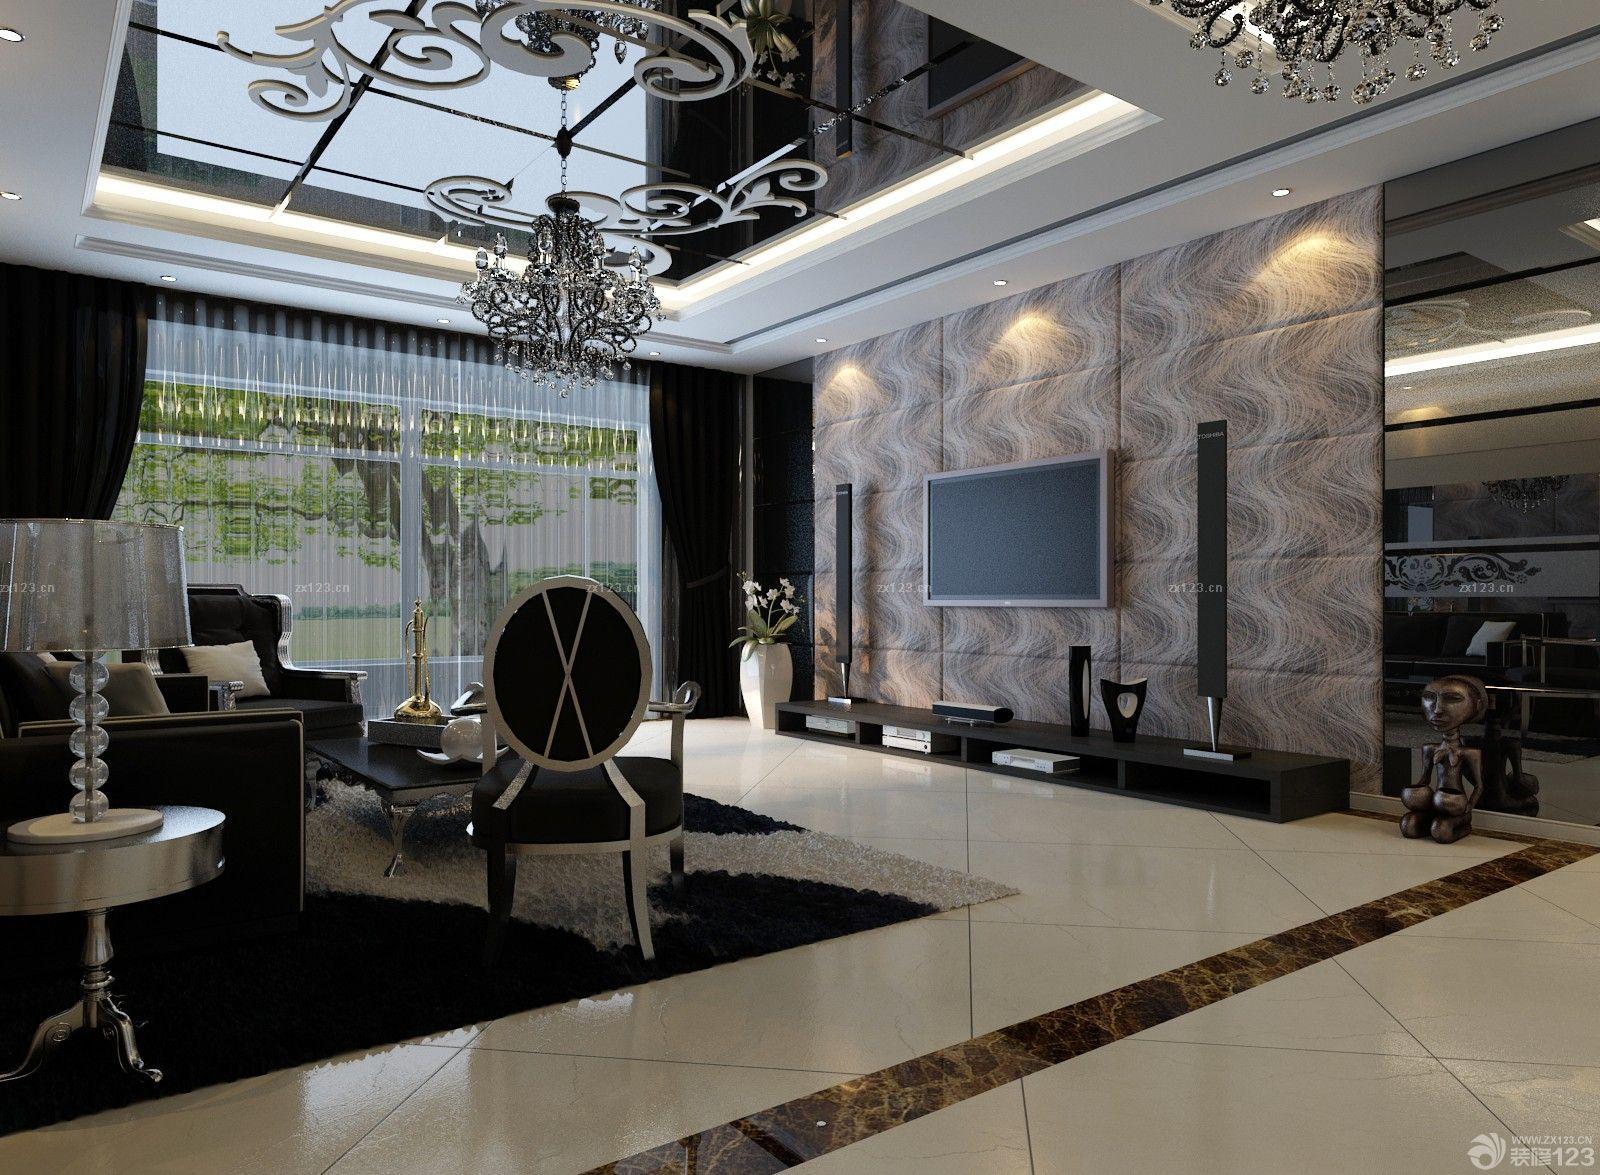 冷色调家装新房室内客厅装修设计效果图